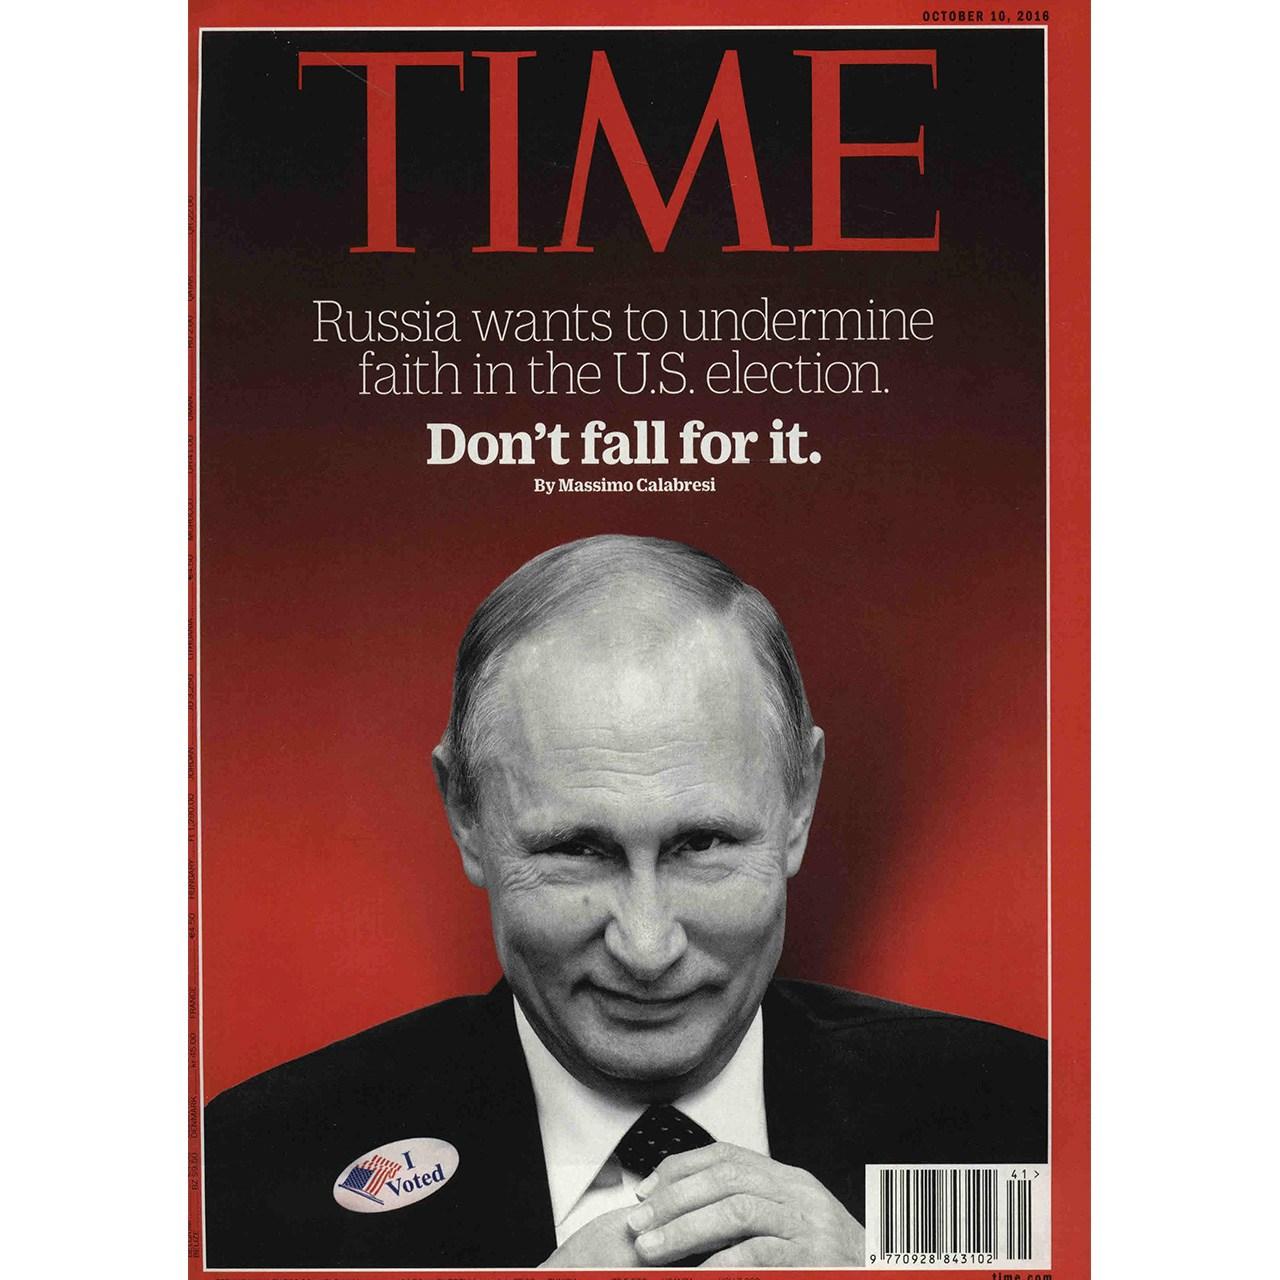 مجله تایم - دهم اکتبر 2016